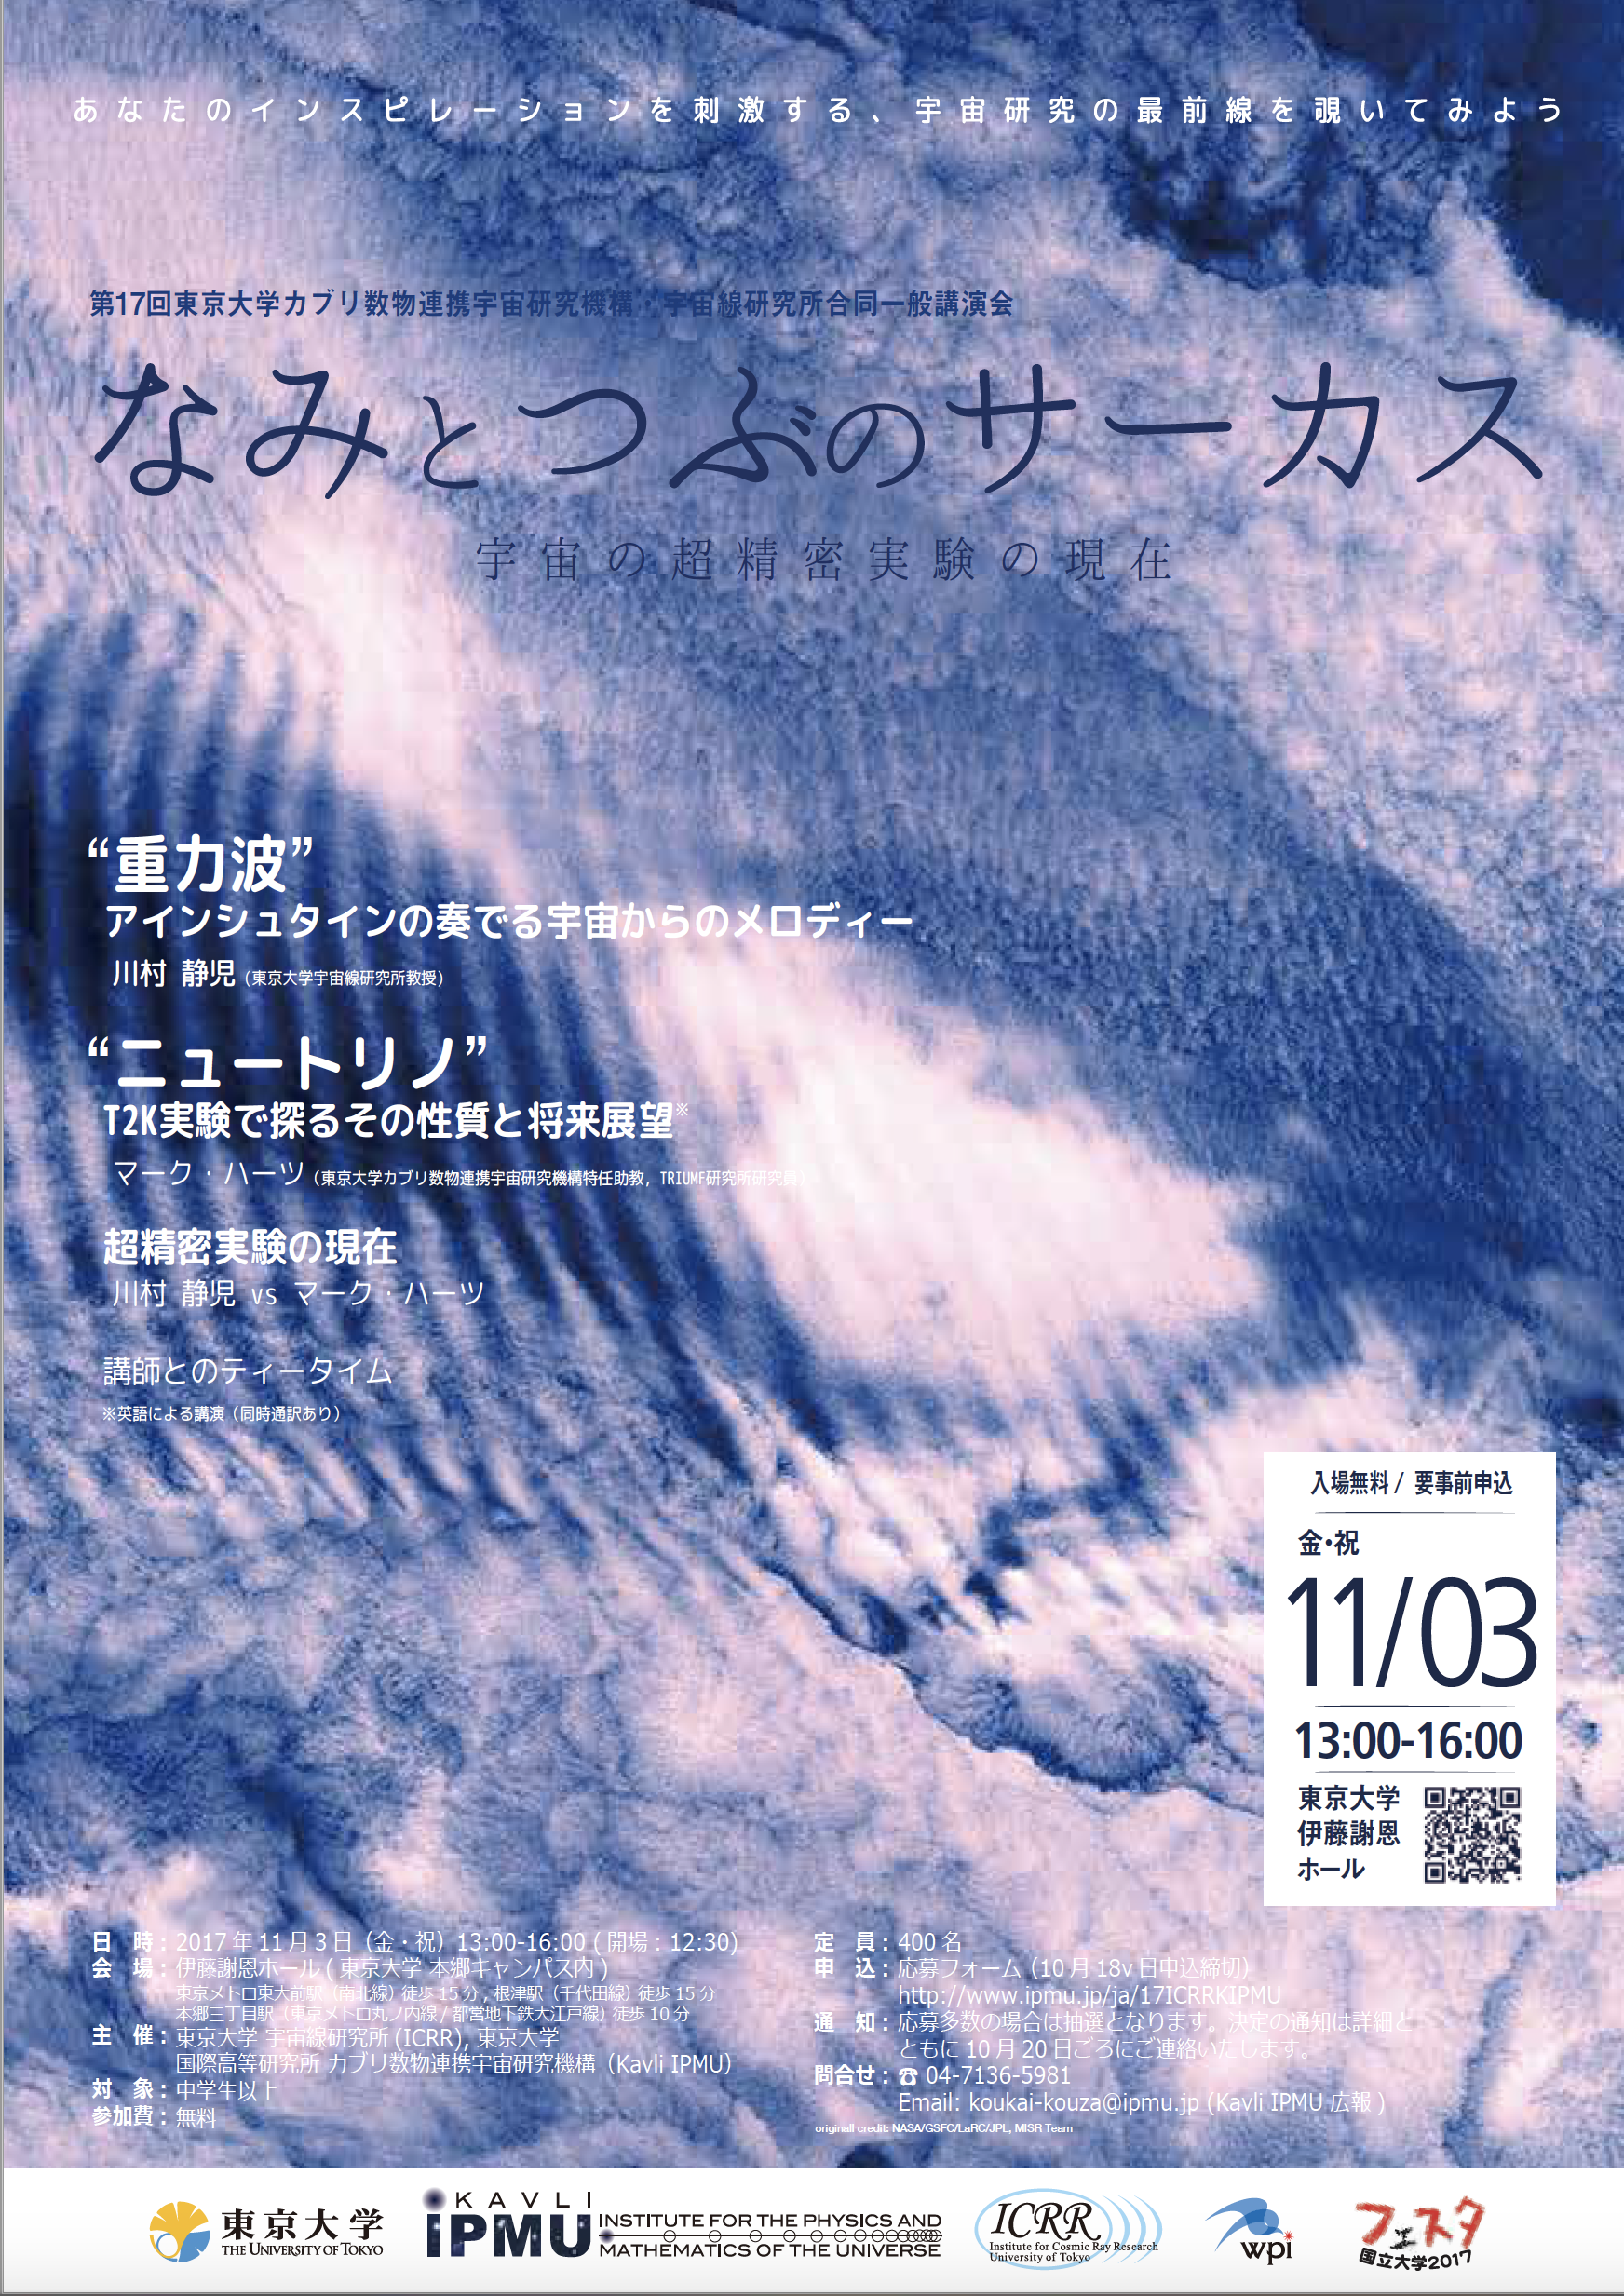 第17回東京大学カブリIPMU・宇宙線研究所合同一般講演会 「なみとつぶのサーカスー宇宙の超精密実験の現在」